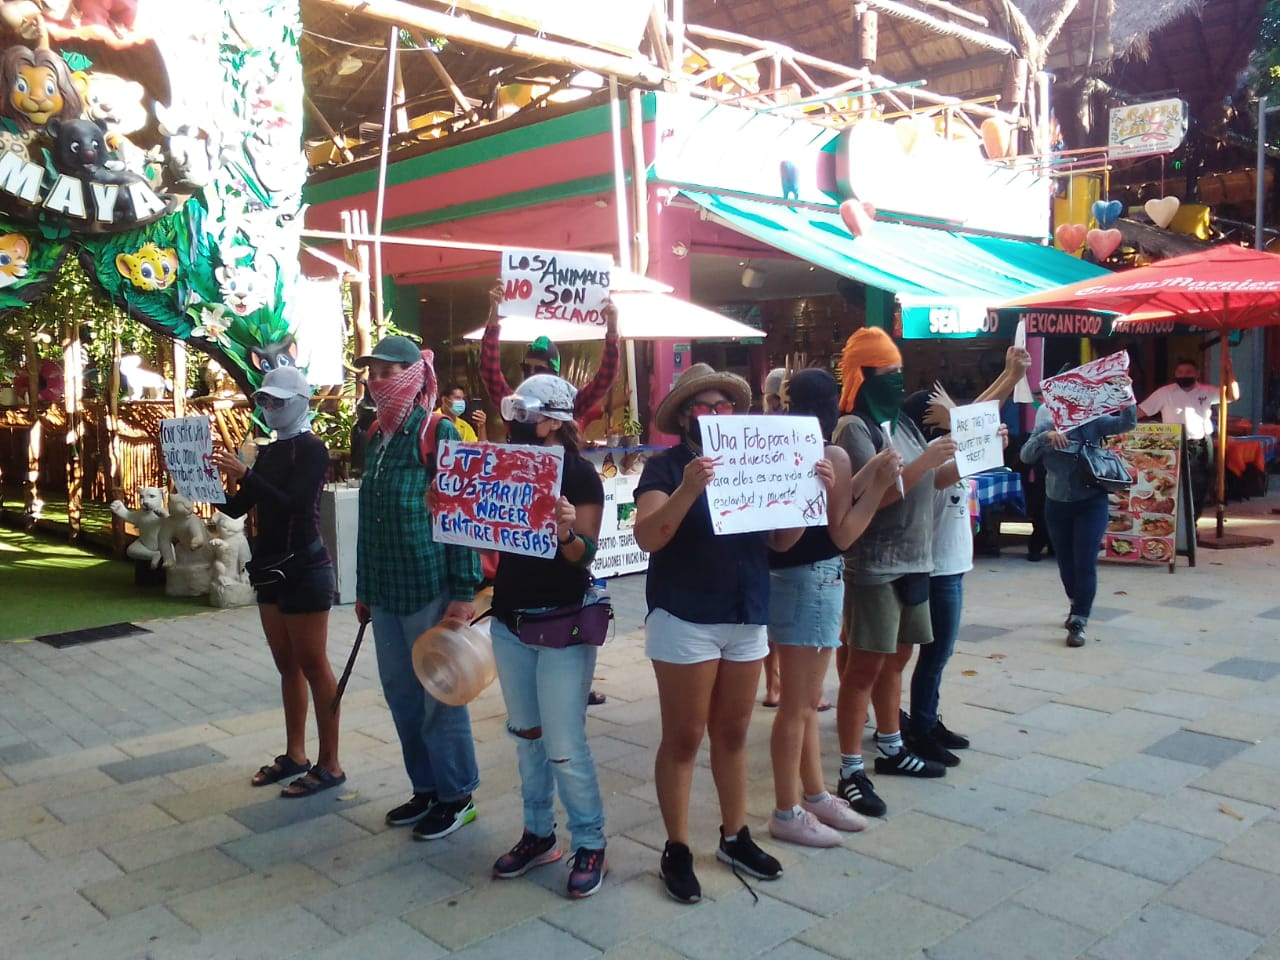 Se Manifiestan de manera pacifica contra el negocio Animalandia Maya conocido por explotar a cachorros de leon en Playa del Carmen press